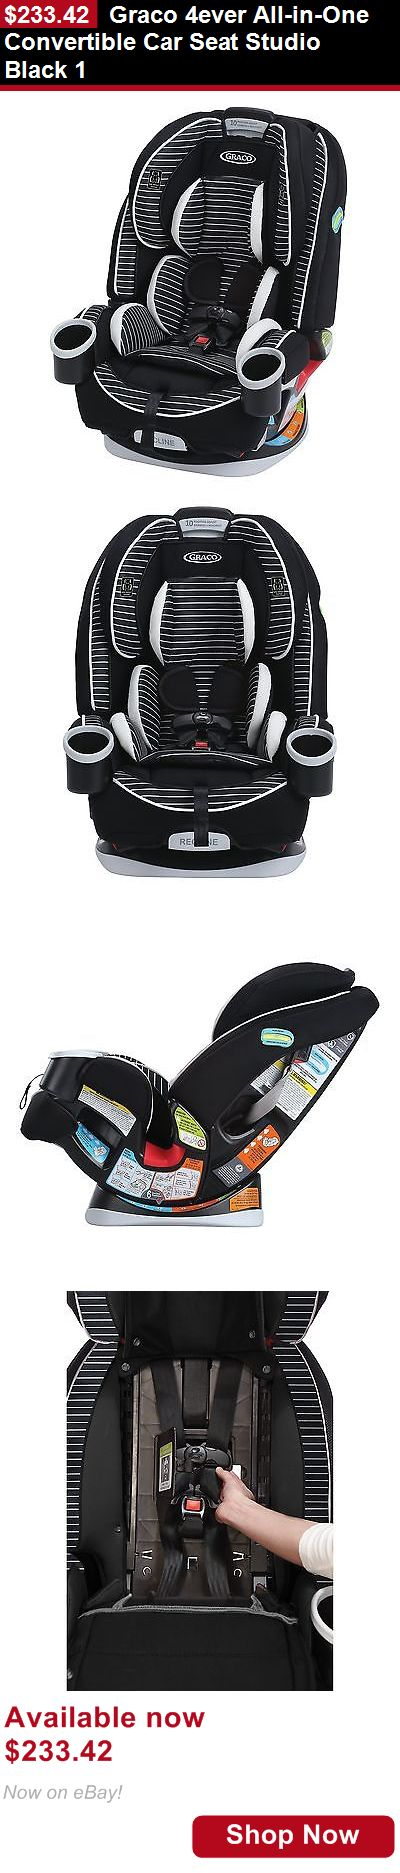 oltre 1000 idee su seggiolini per auto convertibili su pinterest seggiolini auto passeggini e. Black Bedroom Furniture Sets. Home Design Ideas